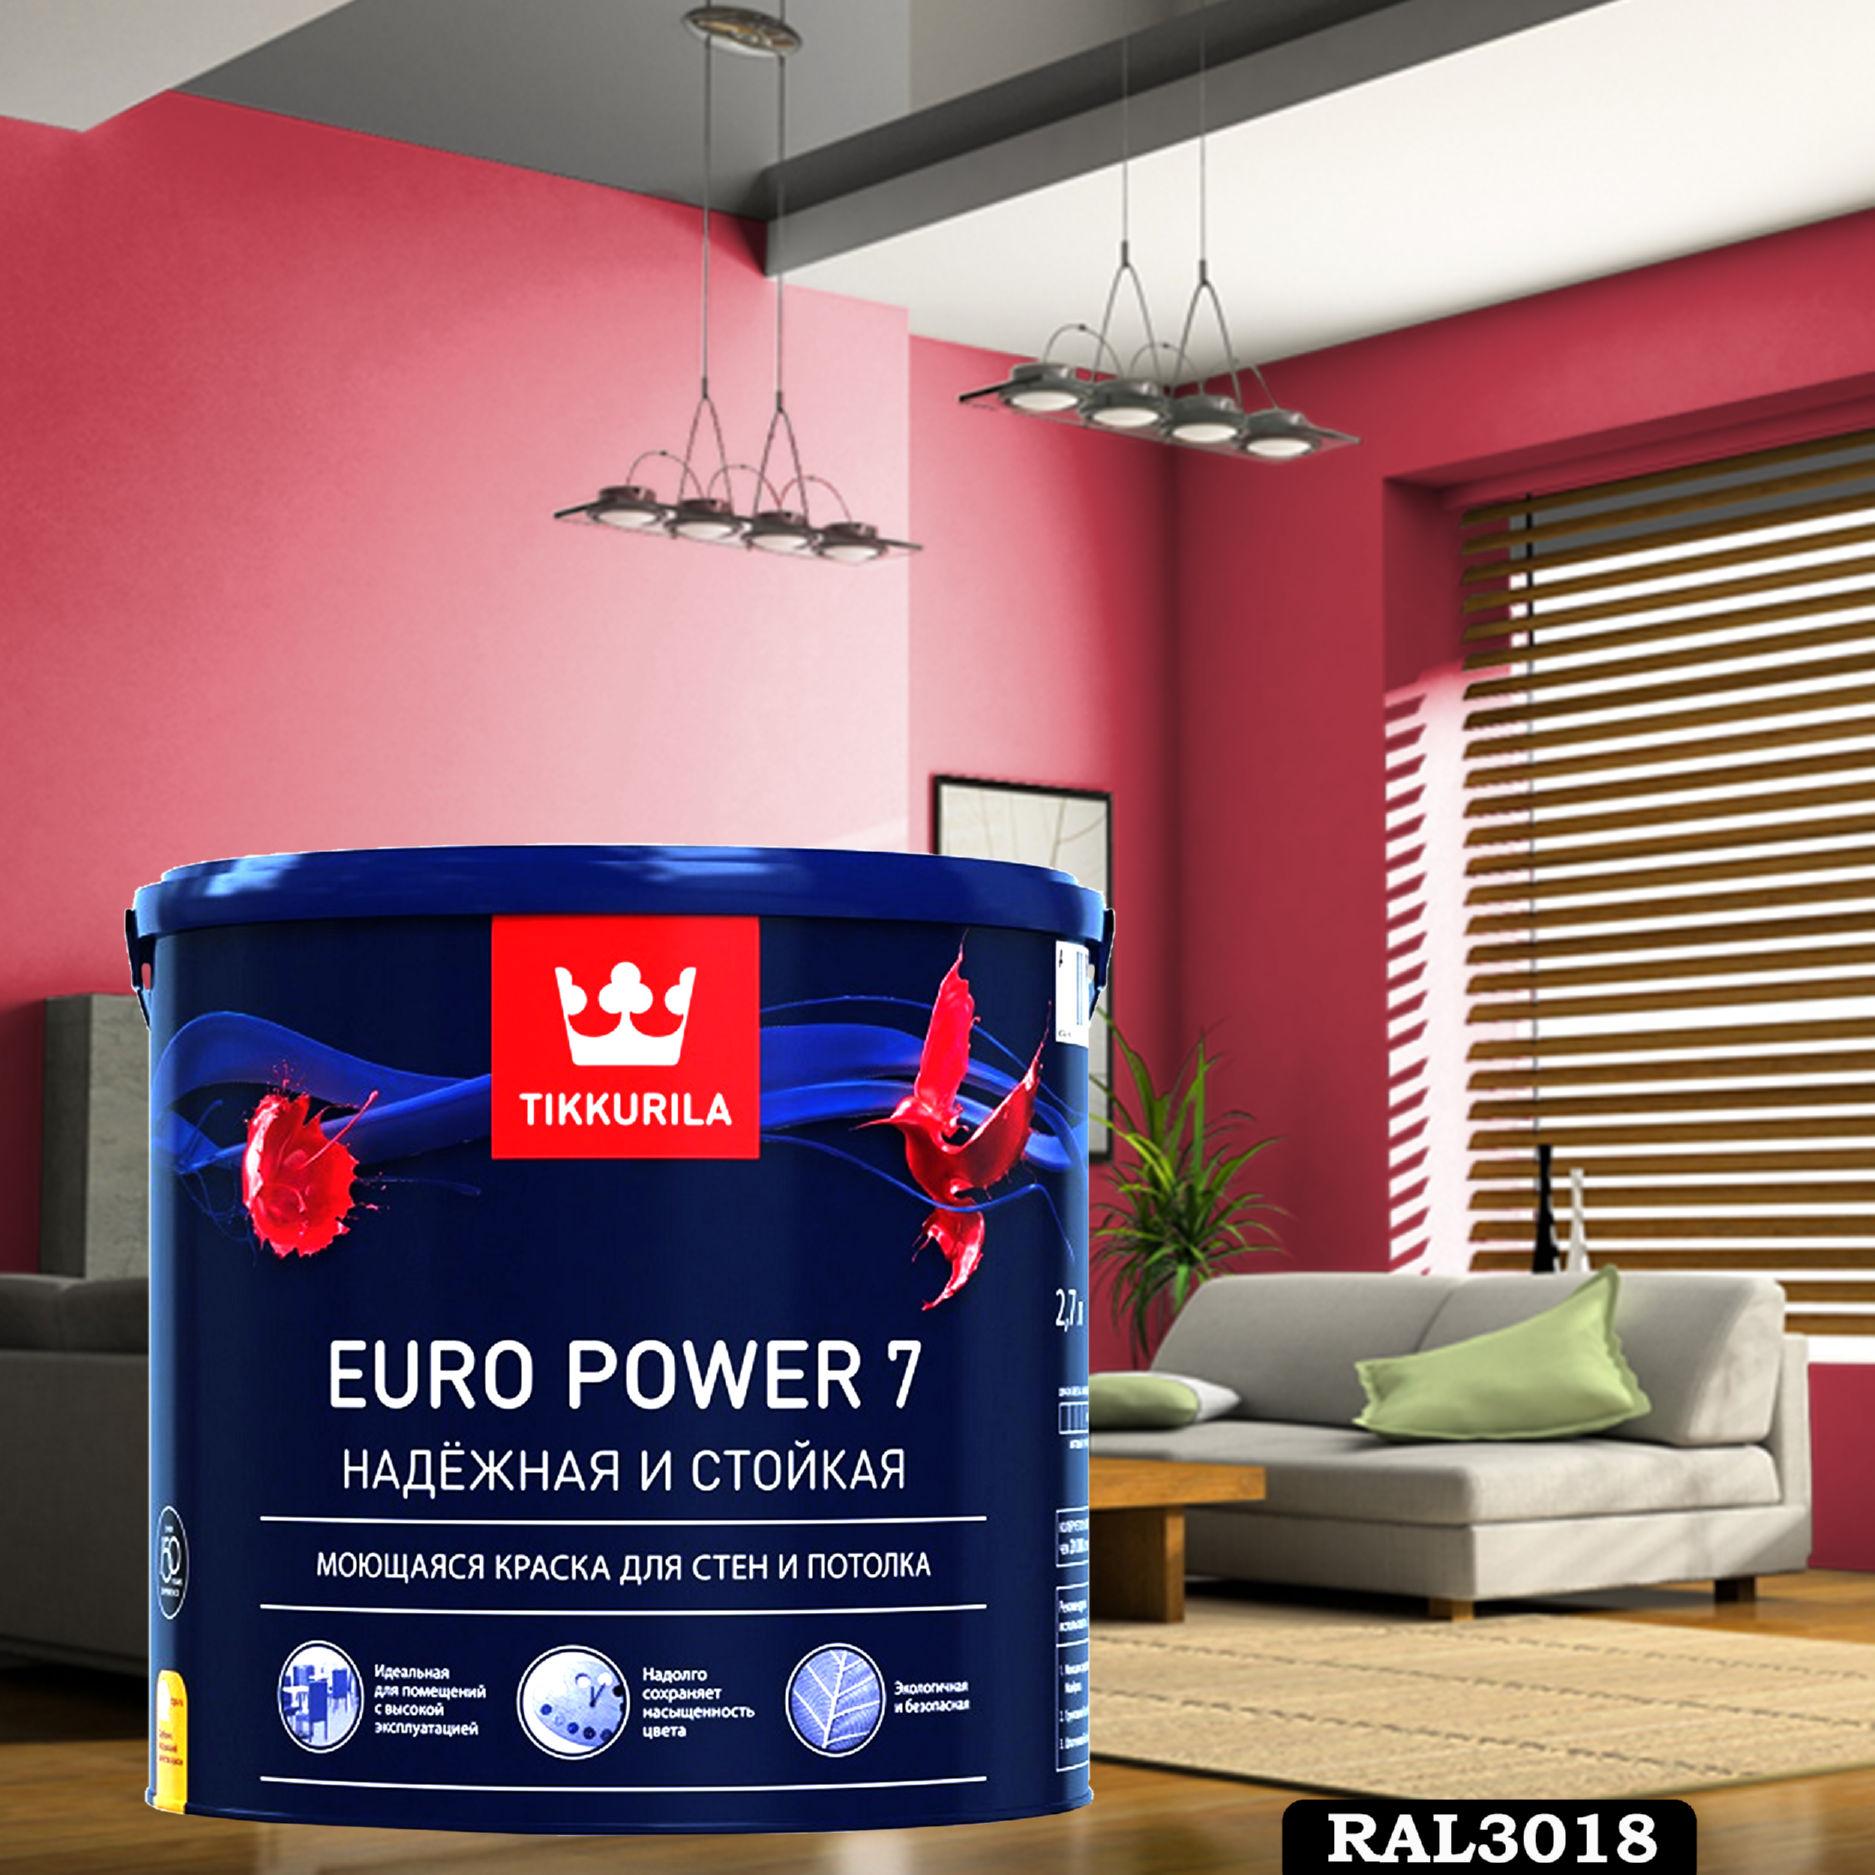 Фото 16 - Краска TIKKURILA Euro Power 7,  RAL 3018 Клубнично-красный, латексная моющаяся матовая интерьерная, 9 л.